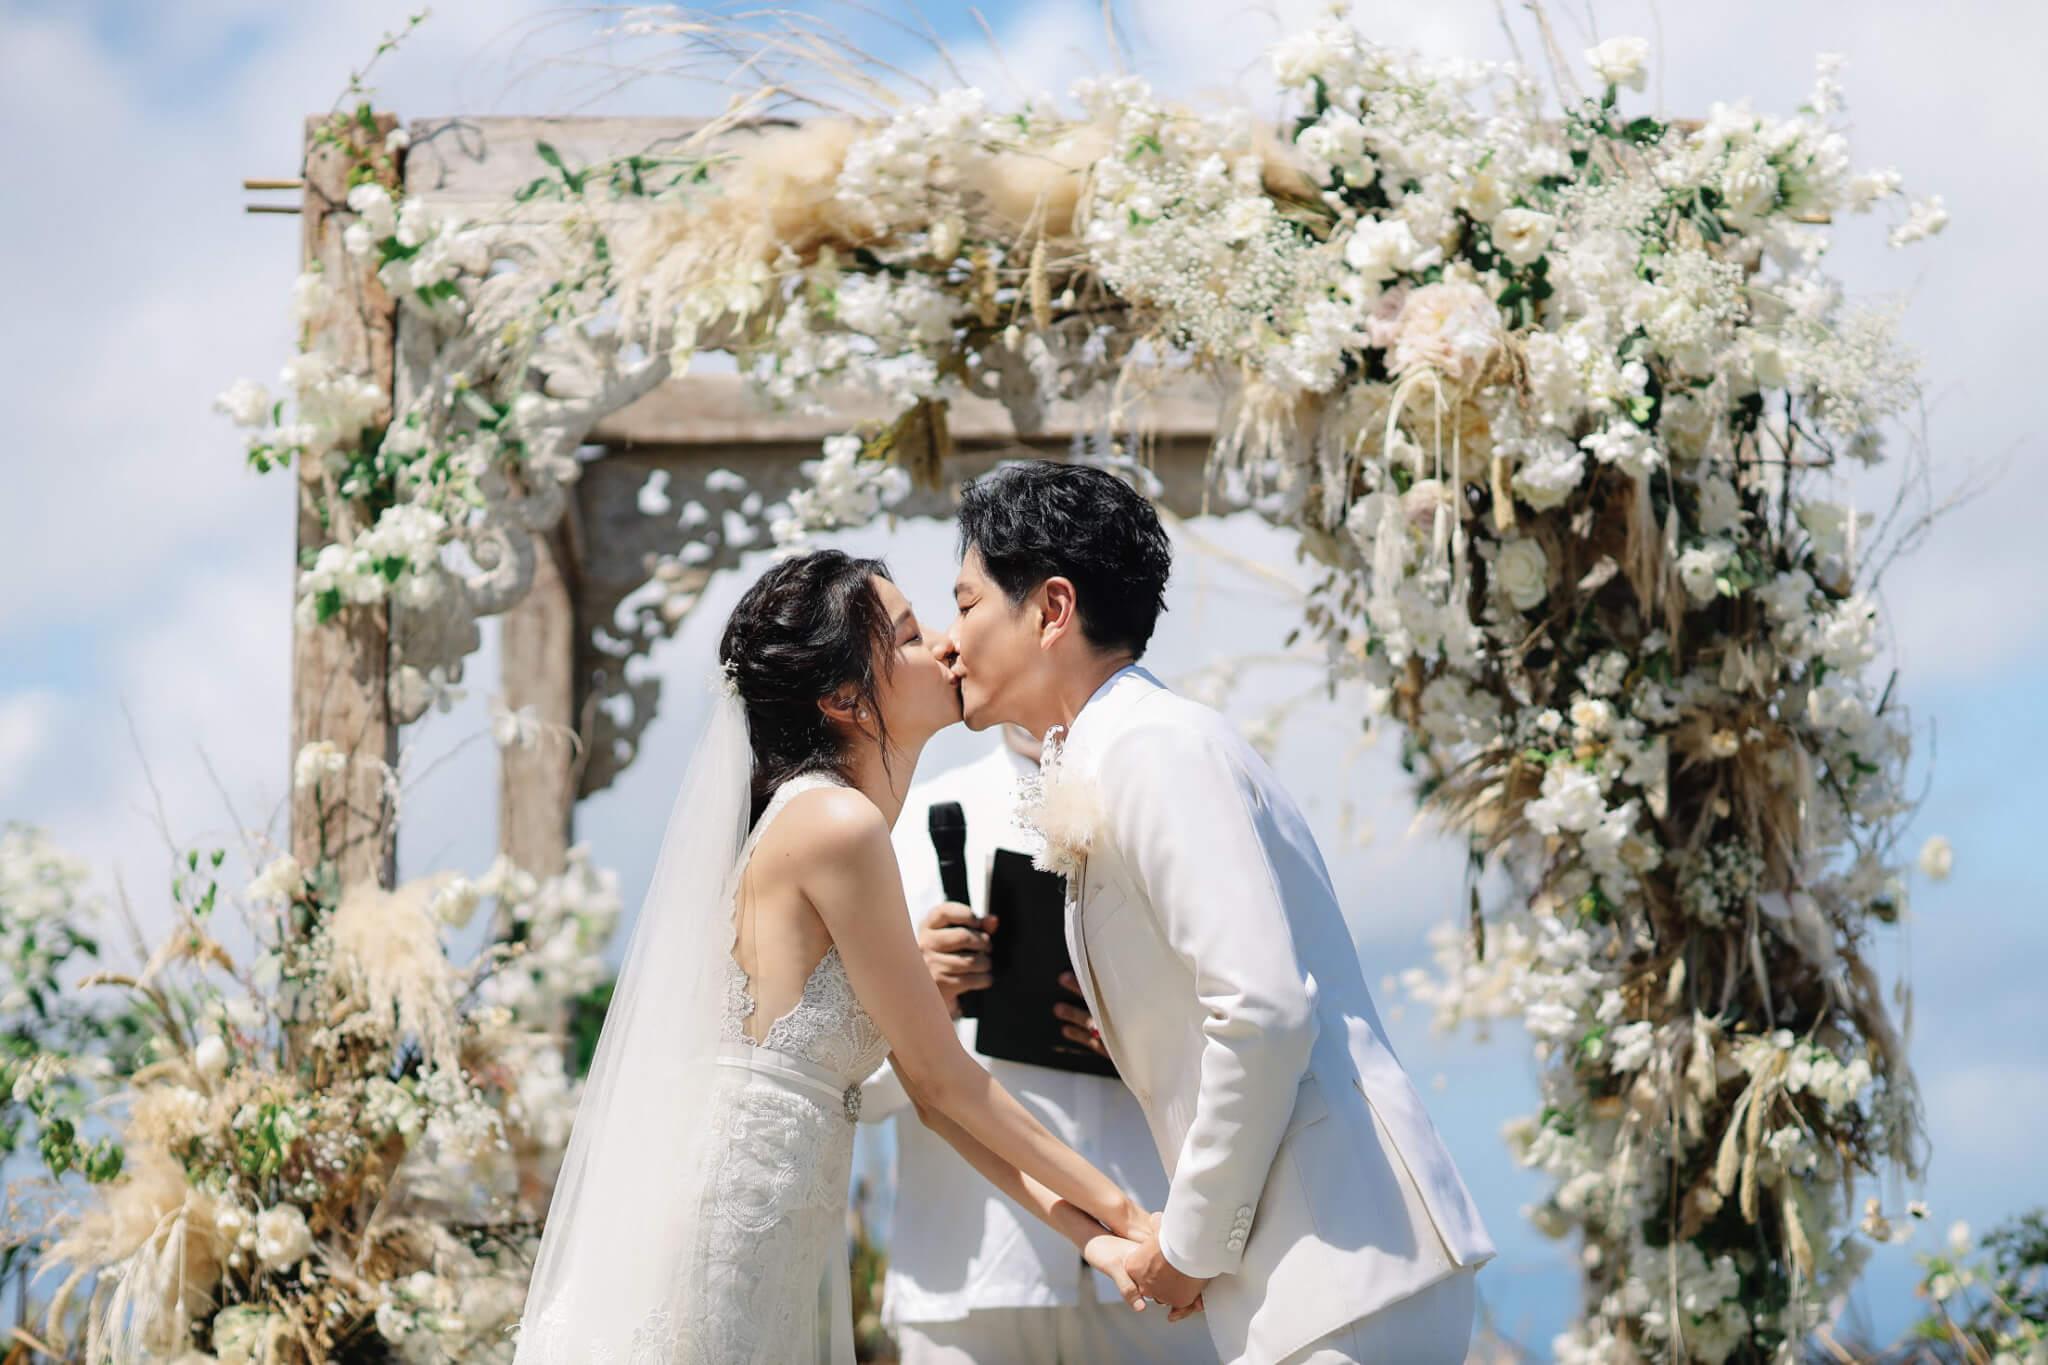 一對新人在彩虹下交換戒子、擁吻,浪漫又溫馨。